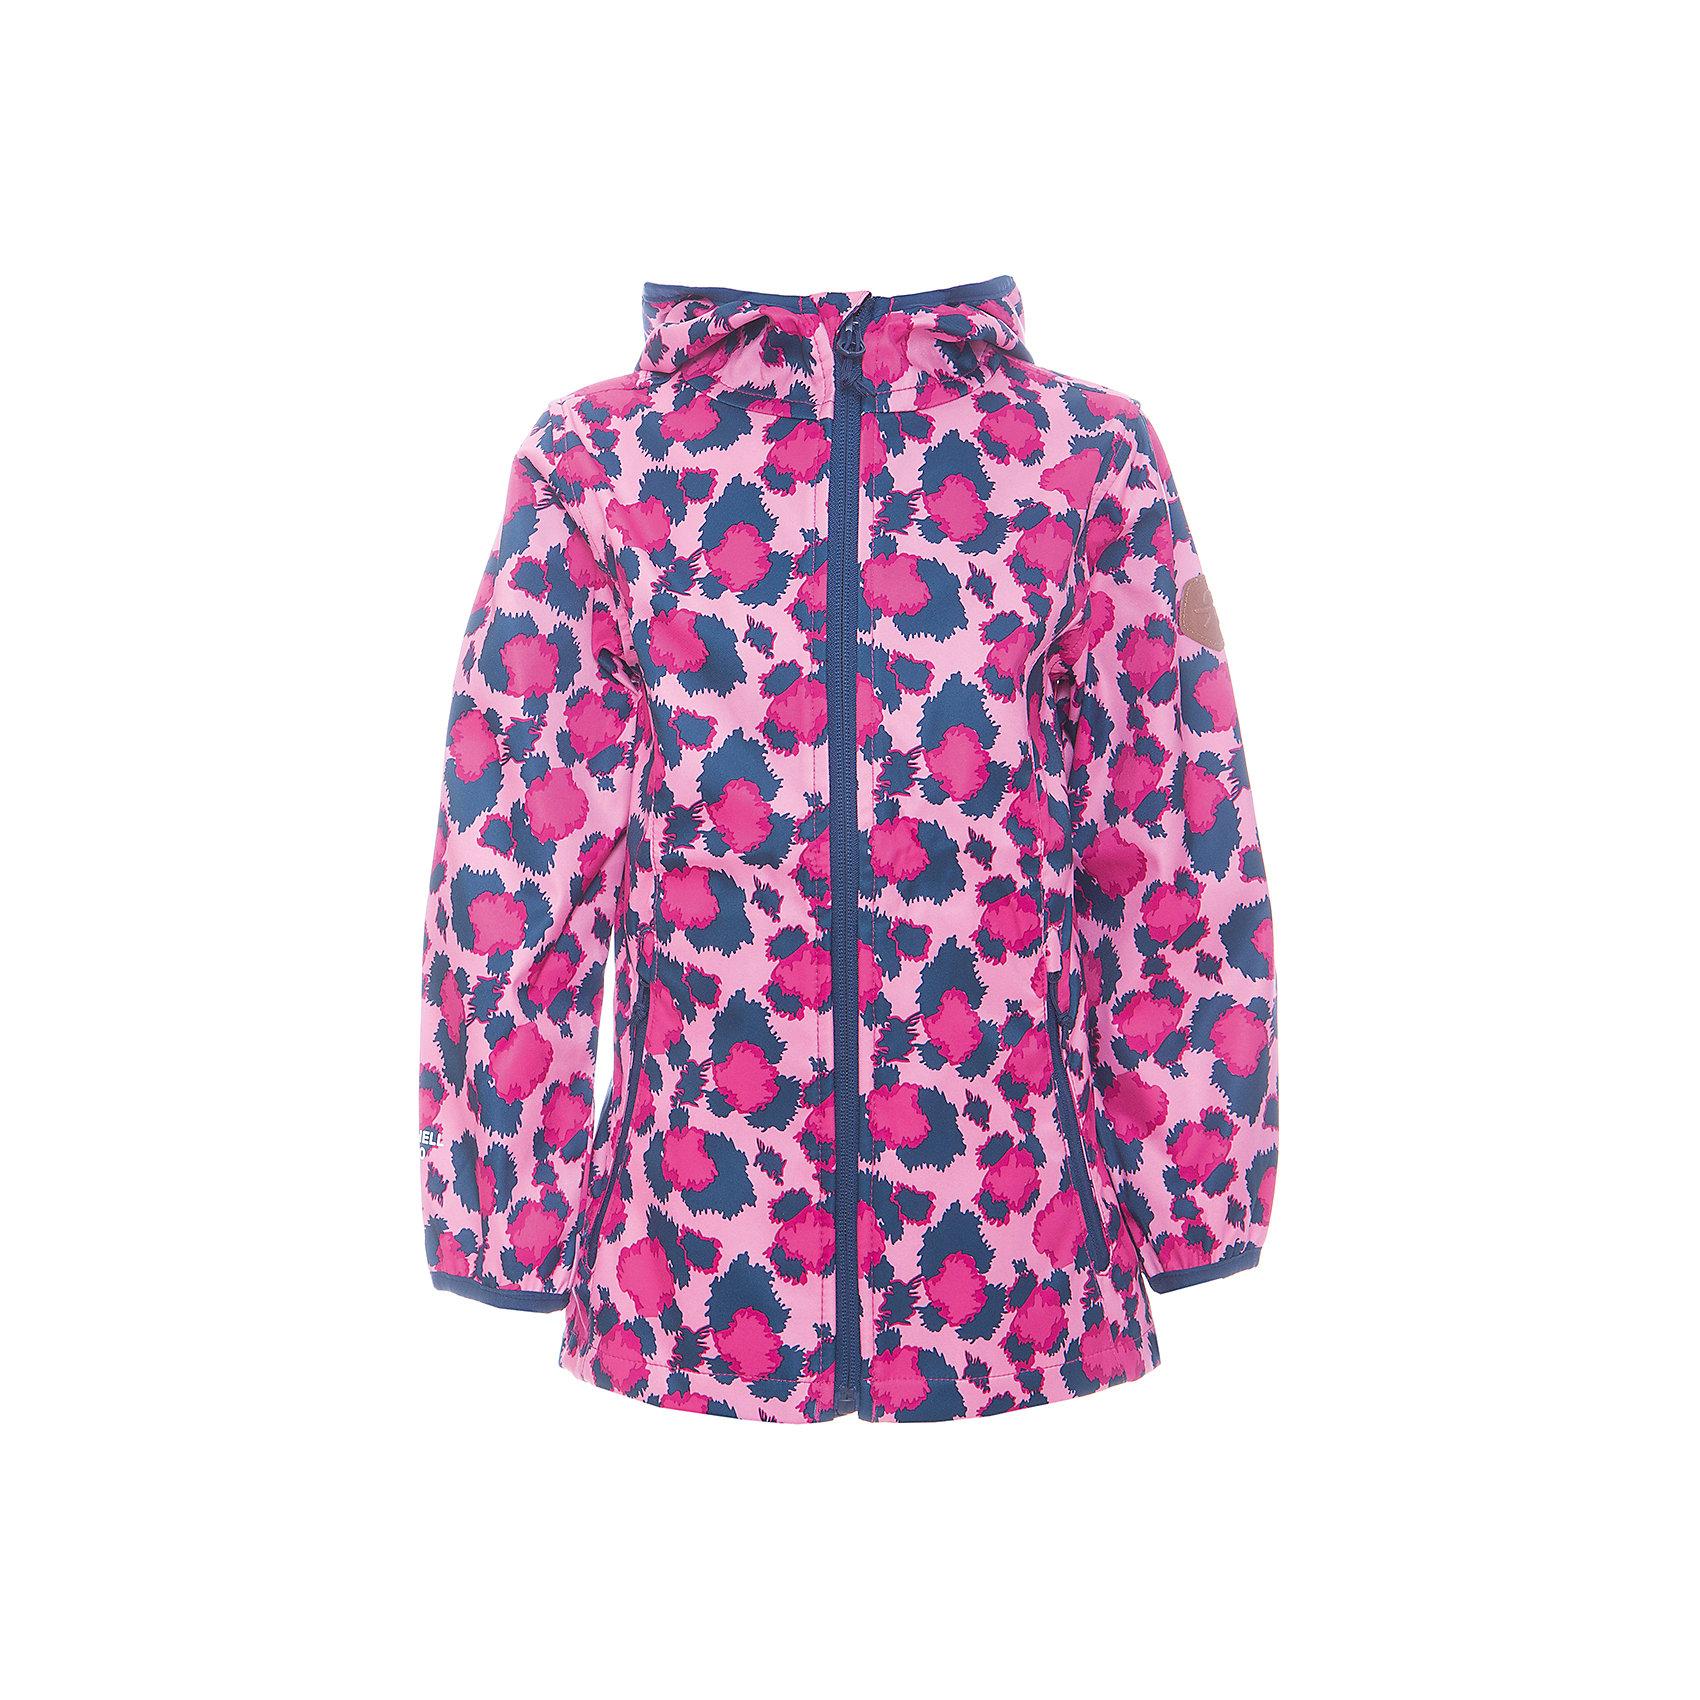 Куртка для девочки Color KidsВерхняя одежда<br>Характеристики товара:<br><br>• цвет: сиреневый<br>• состав: 100 % полиэстер<br>• без утеплителя<br>• эластичные манжеты<br>• водоотталкивающая: 8000 мм<br>• воздухопроницаемость: 3000 г/м2/24ч<br>• ветрозащитная <br>• светоотражающие детали<br>• застежка: молния<br>• капюшон <br>• защита подбородка<br>• сезон: демисезон<br>• температурный режим: +10 до +20<br>• страна производства: Китай<br>• страна бренда: Дания<br><br>Эта симпатичная и удобная куртка сделана из непромокаемого легкого материала, поэтому отлично подойдет для дождливой погоды в весенне-летний сезон. <br><br>Она комфортно сидит и обеспечивает ребенку необходимое удобство. <br><br>Очень стильно смотрится. Отличный вариант качественной одежды от проверенного производителя!<br><br>Куртку для девочки от датского бренда Color Kids (Колор кидз) можно купить в нашем интернет-магазине.<br><br>Ширина мм: 356<br>Глубина мм: 10<br>Высота мм: 245<br>Вес г: 519<br>Цвет: фиолетовый<br>Возраст от месяцев: 48<br>Возраст до месяцев: 60<br>Пол: Женский<br>Возраст: Детский<br>Размер: 110,116,122,128,140,152,92,98,104<br>SKU: 5557279